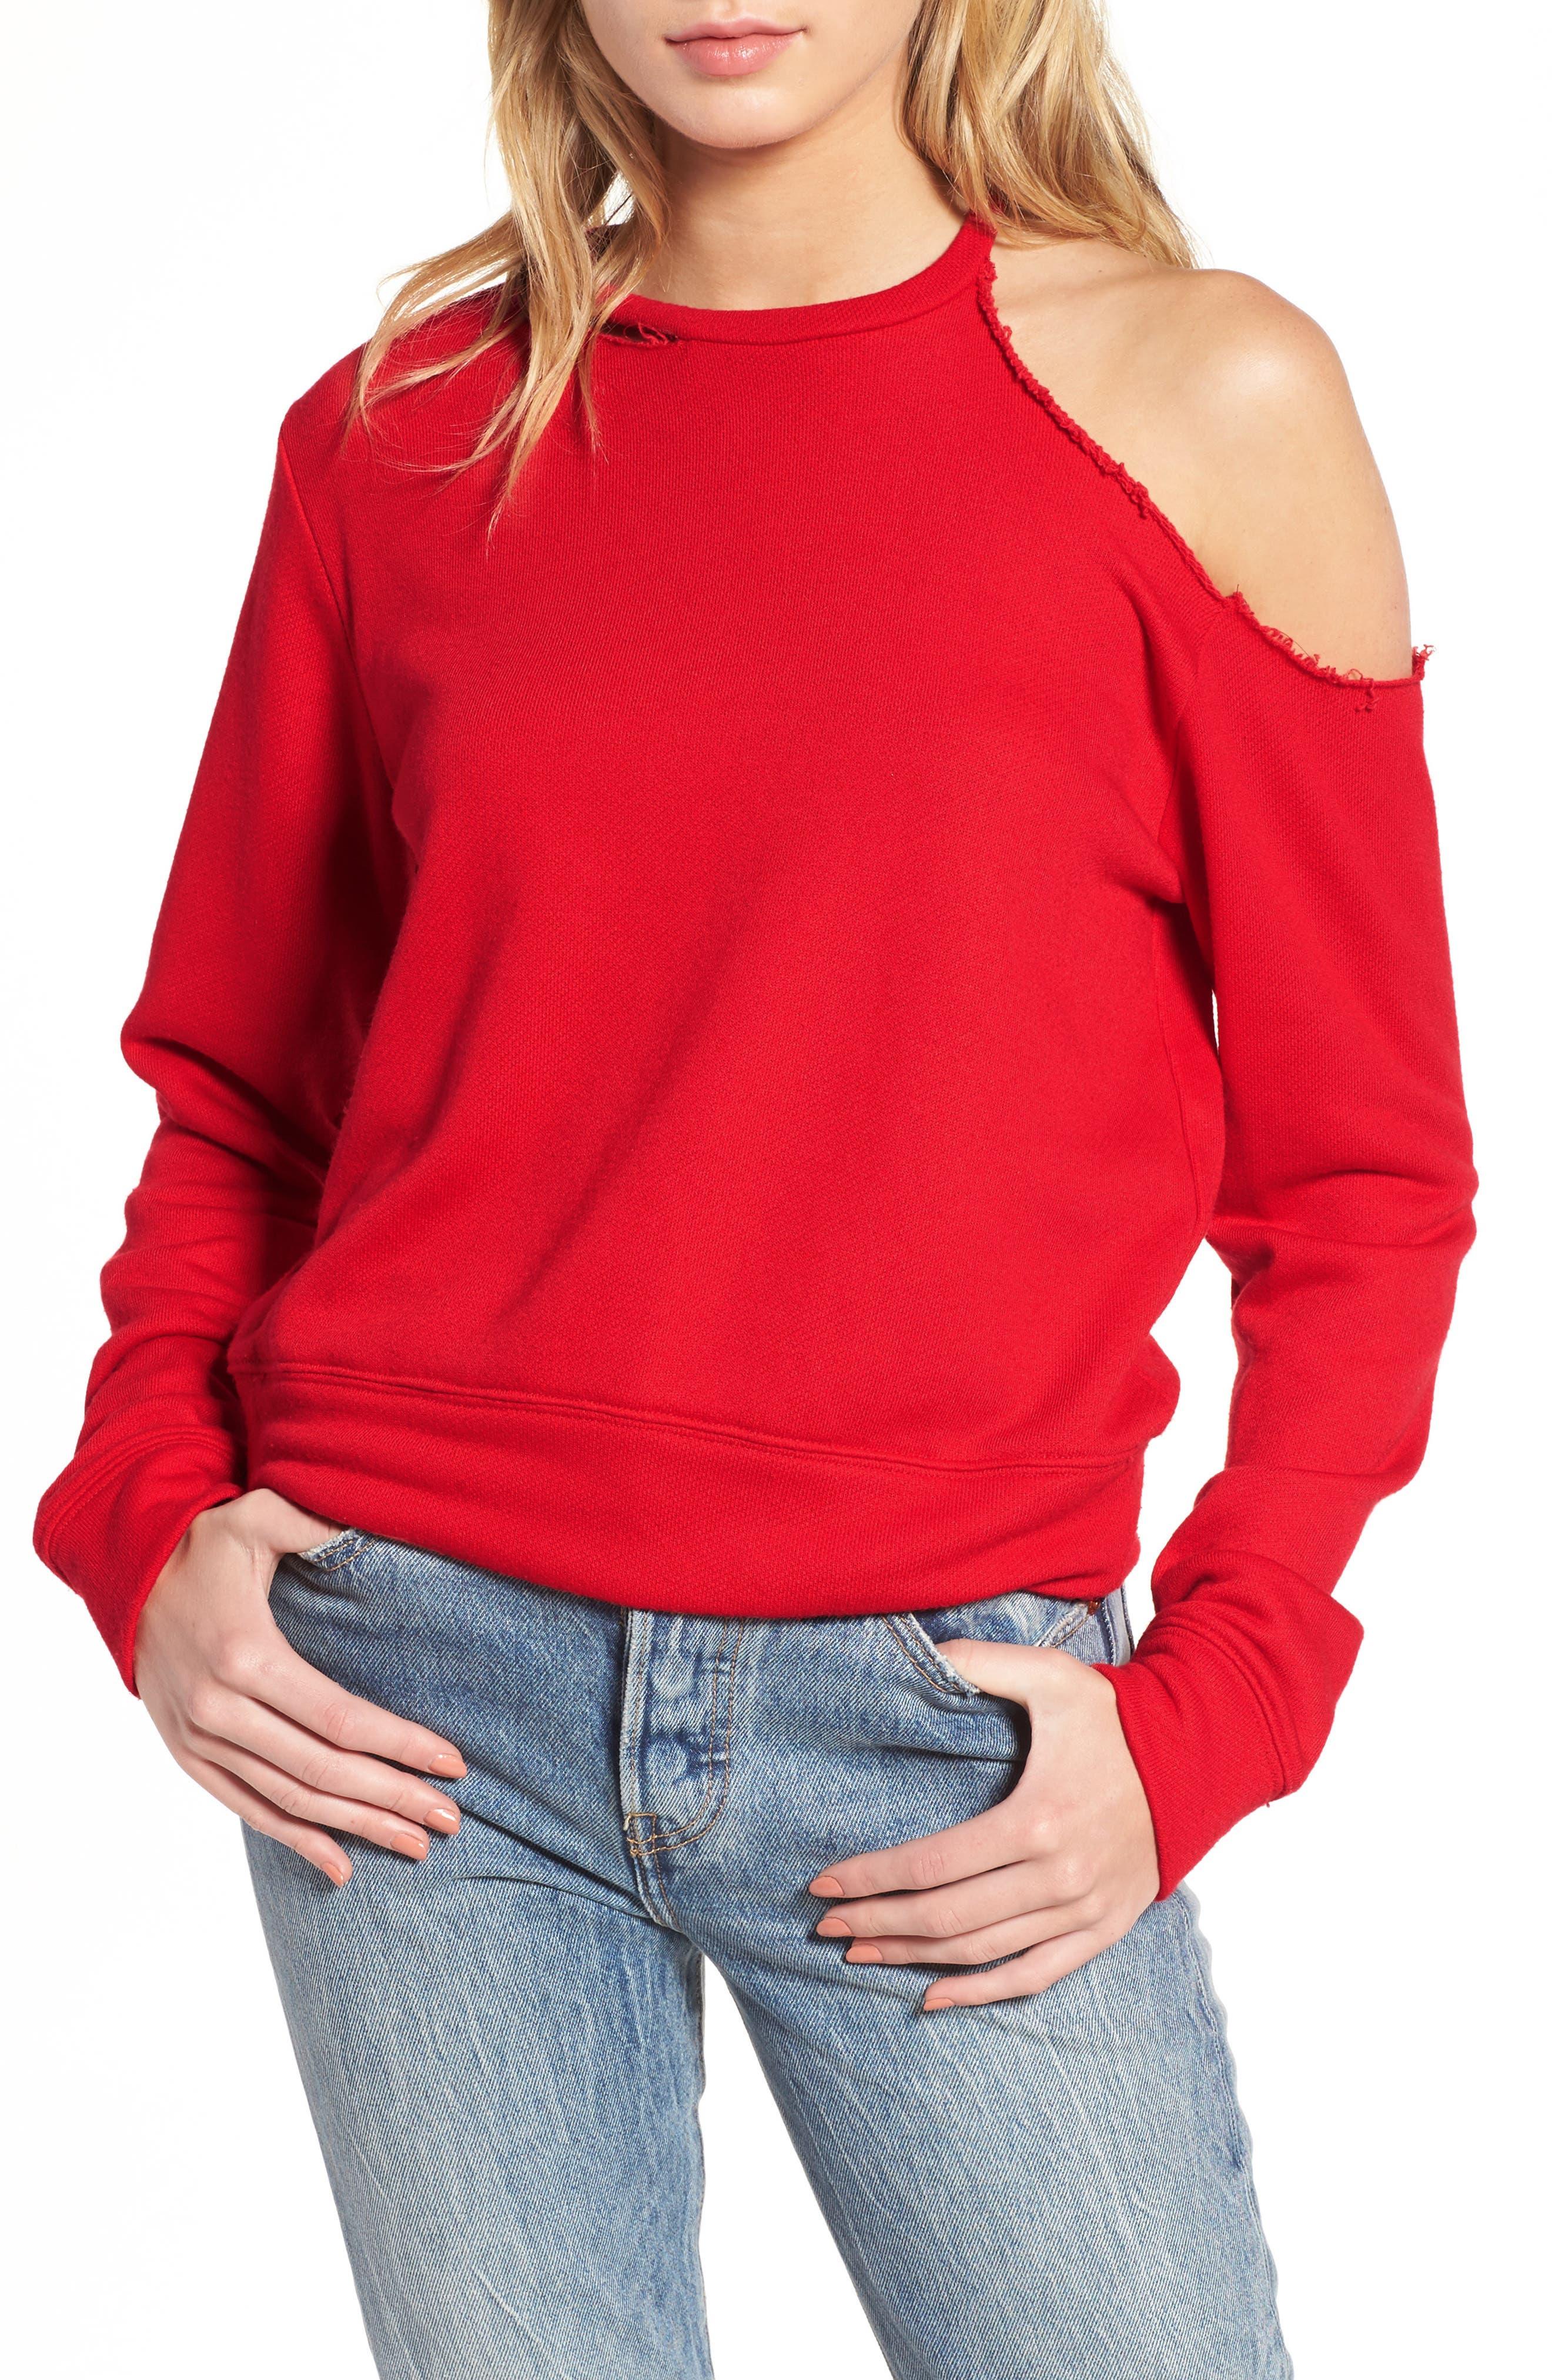 Alternate Image 1 Selected - AFRM Mikko Distressed Cold Shoulder Sweatshirt